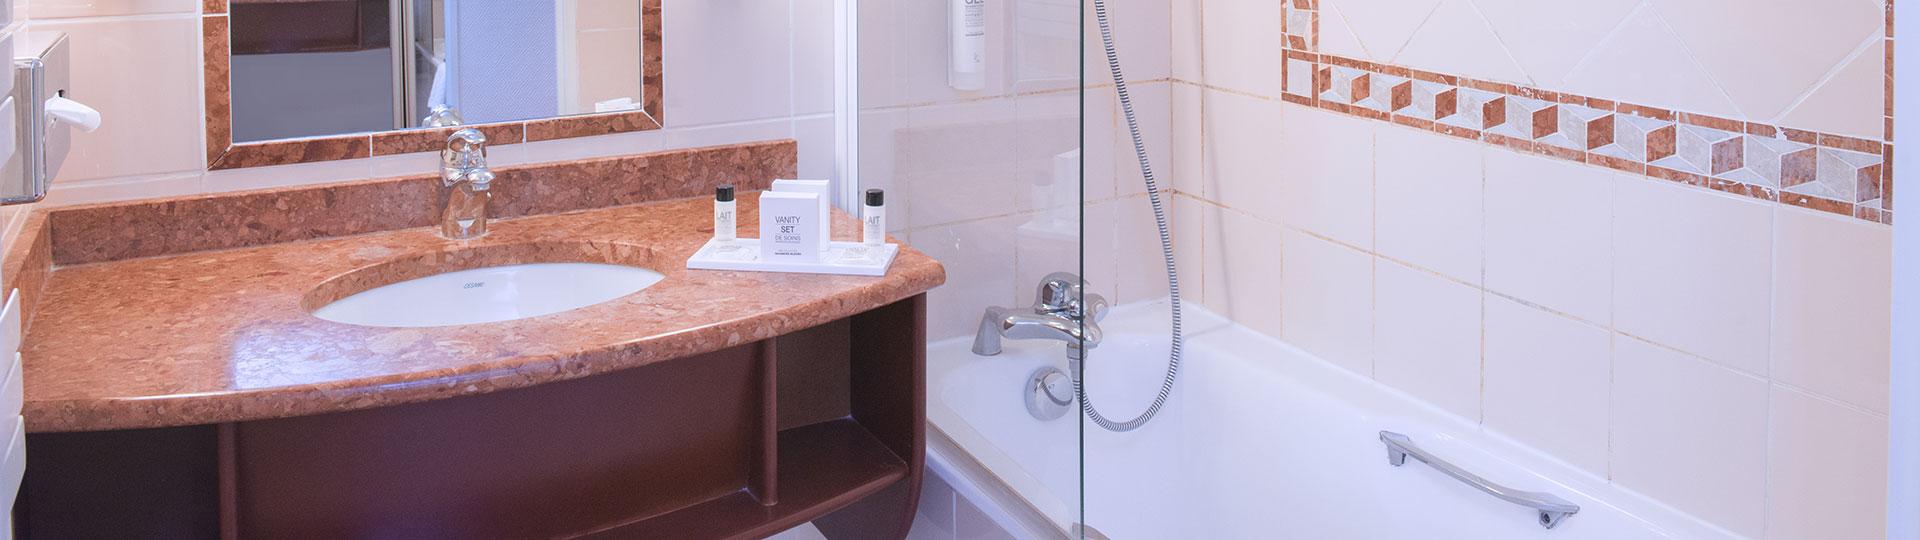 Villa Modigliani Salle de bain